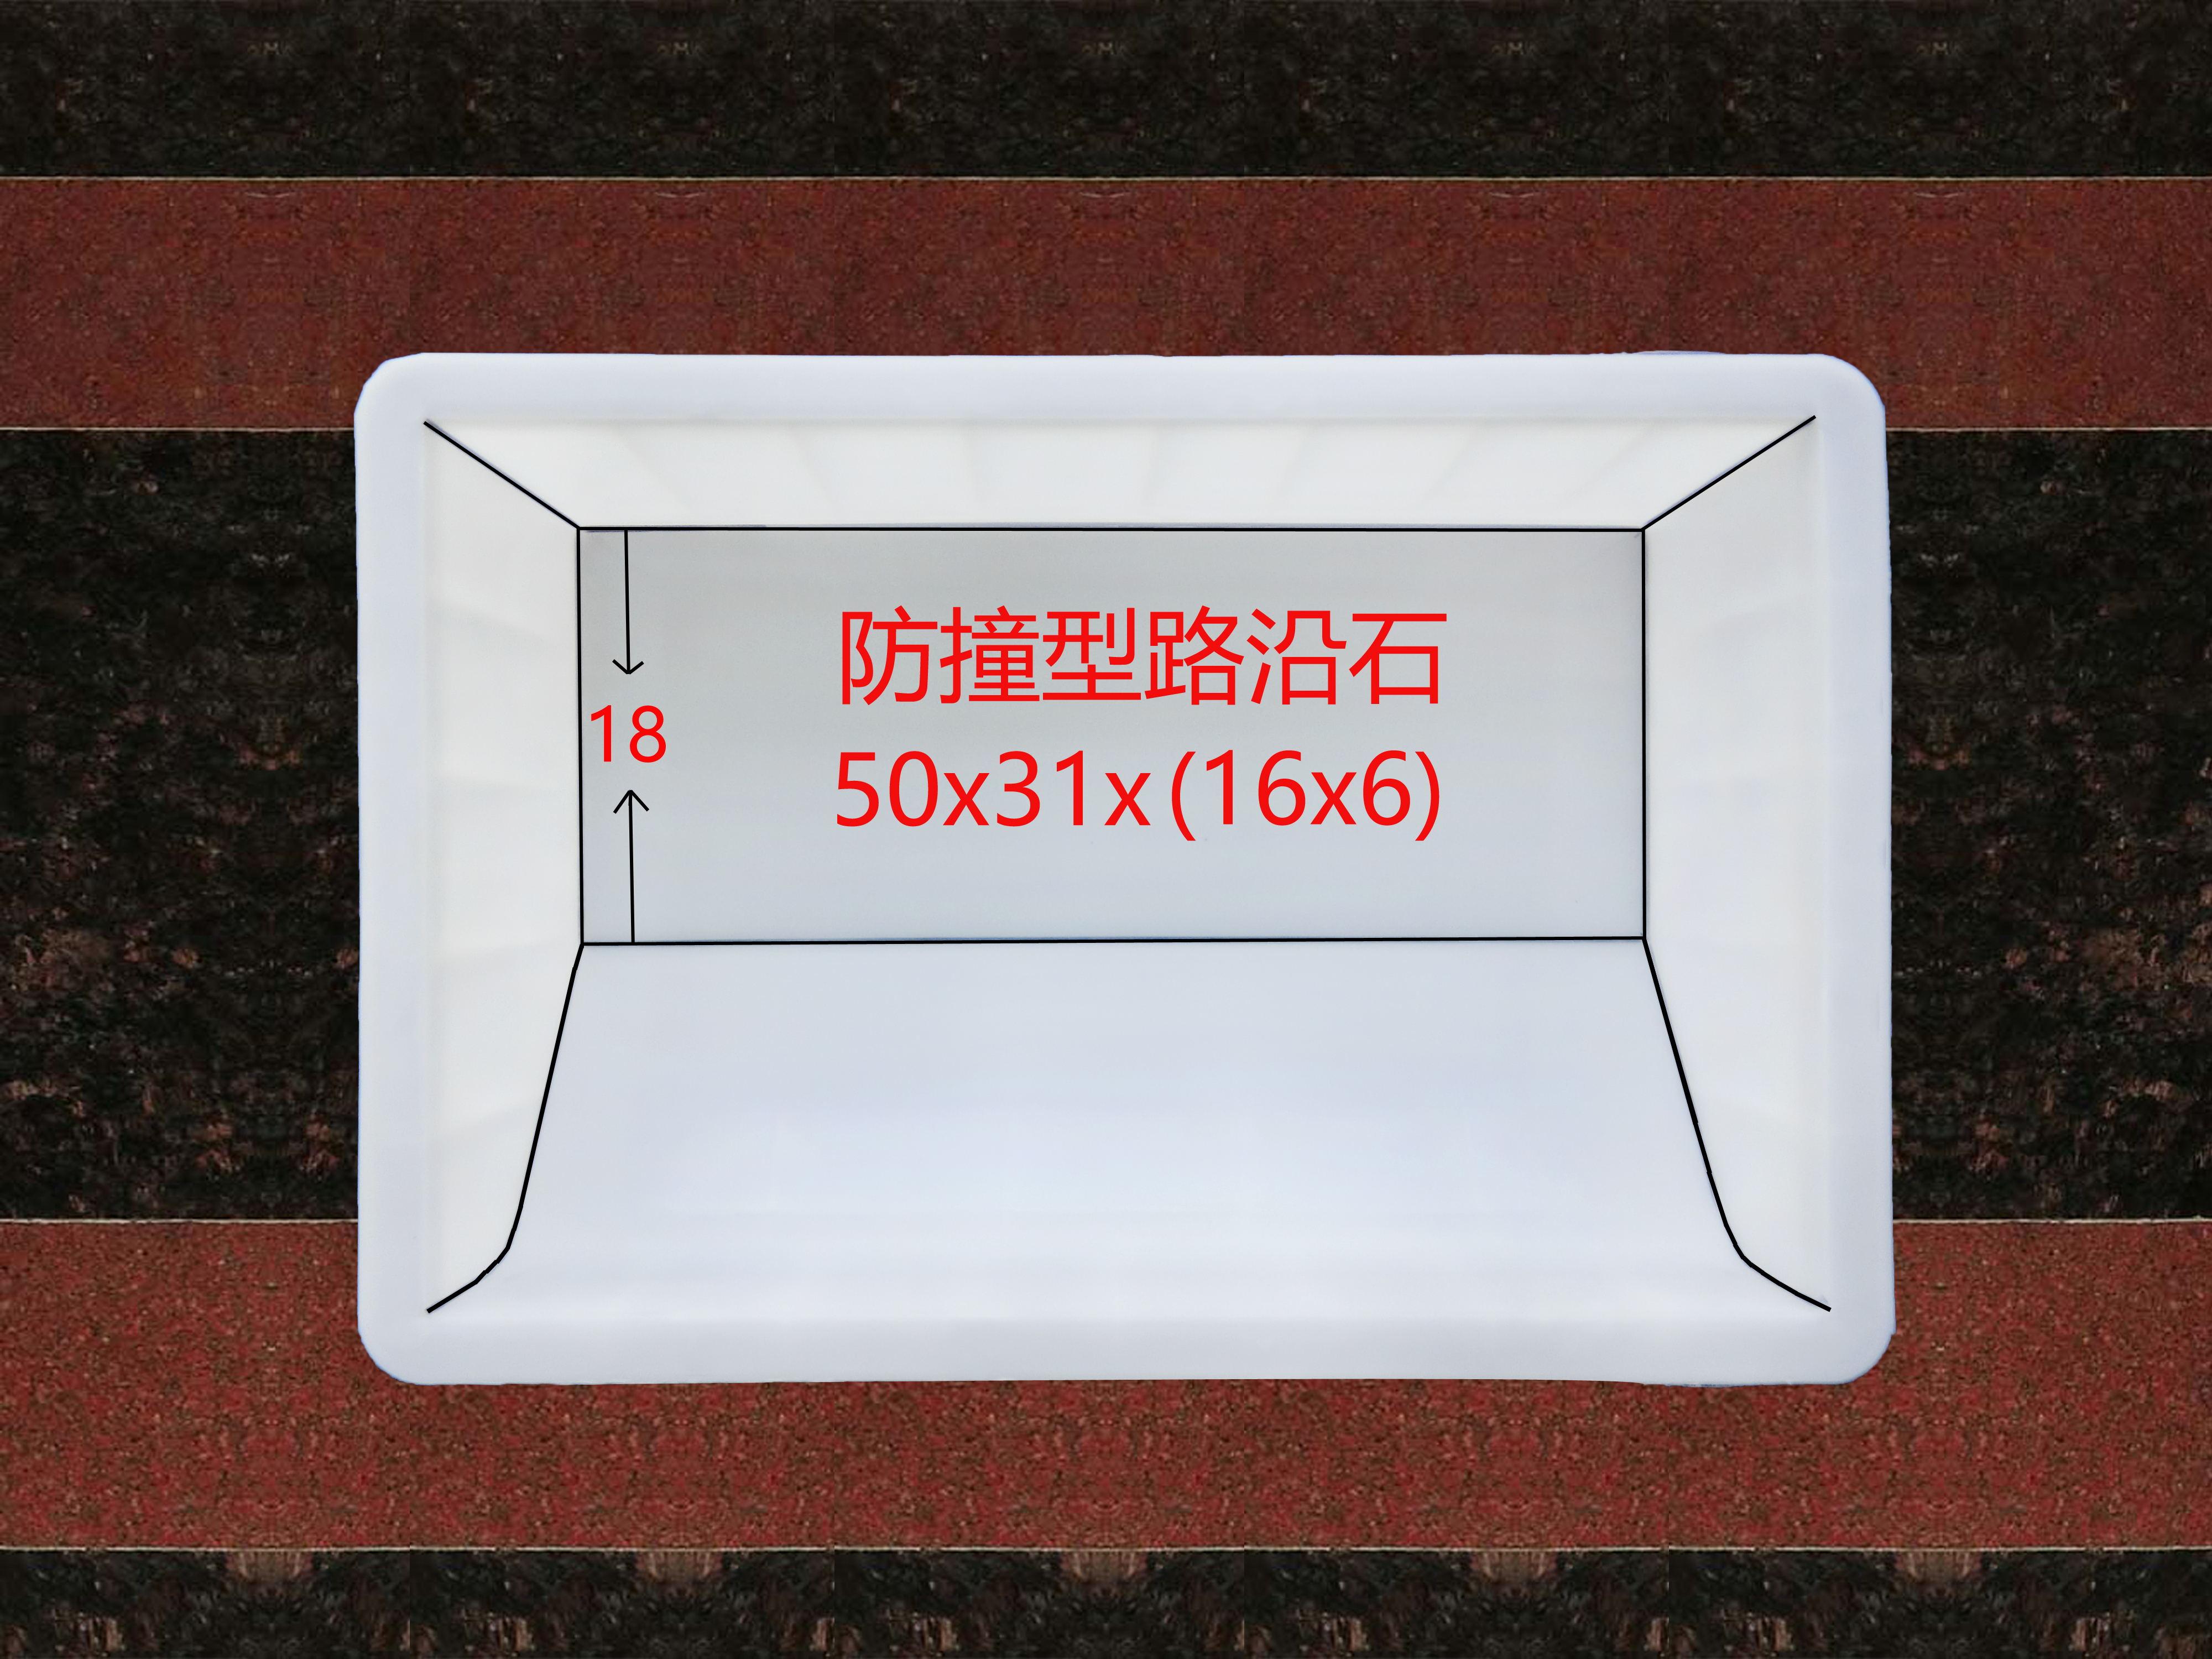 防撞型路沿石:50x31x(16x6)